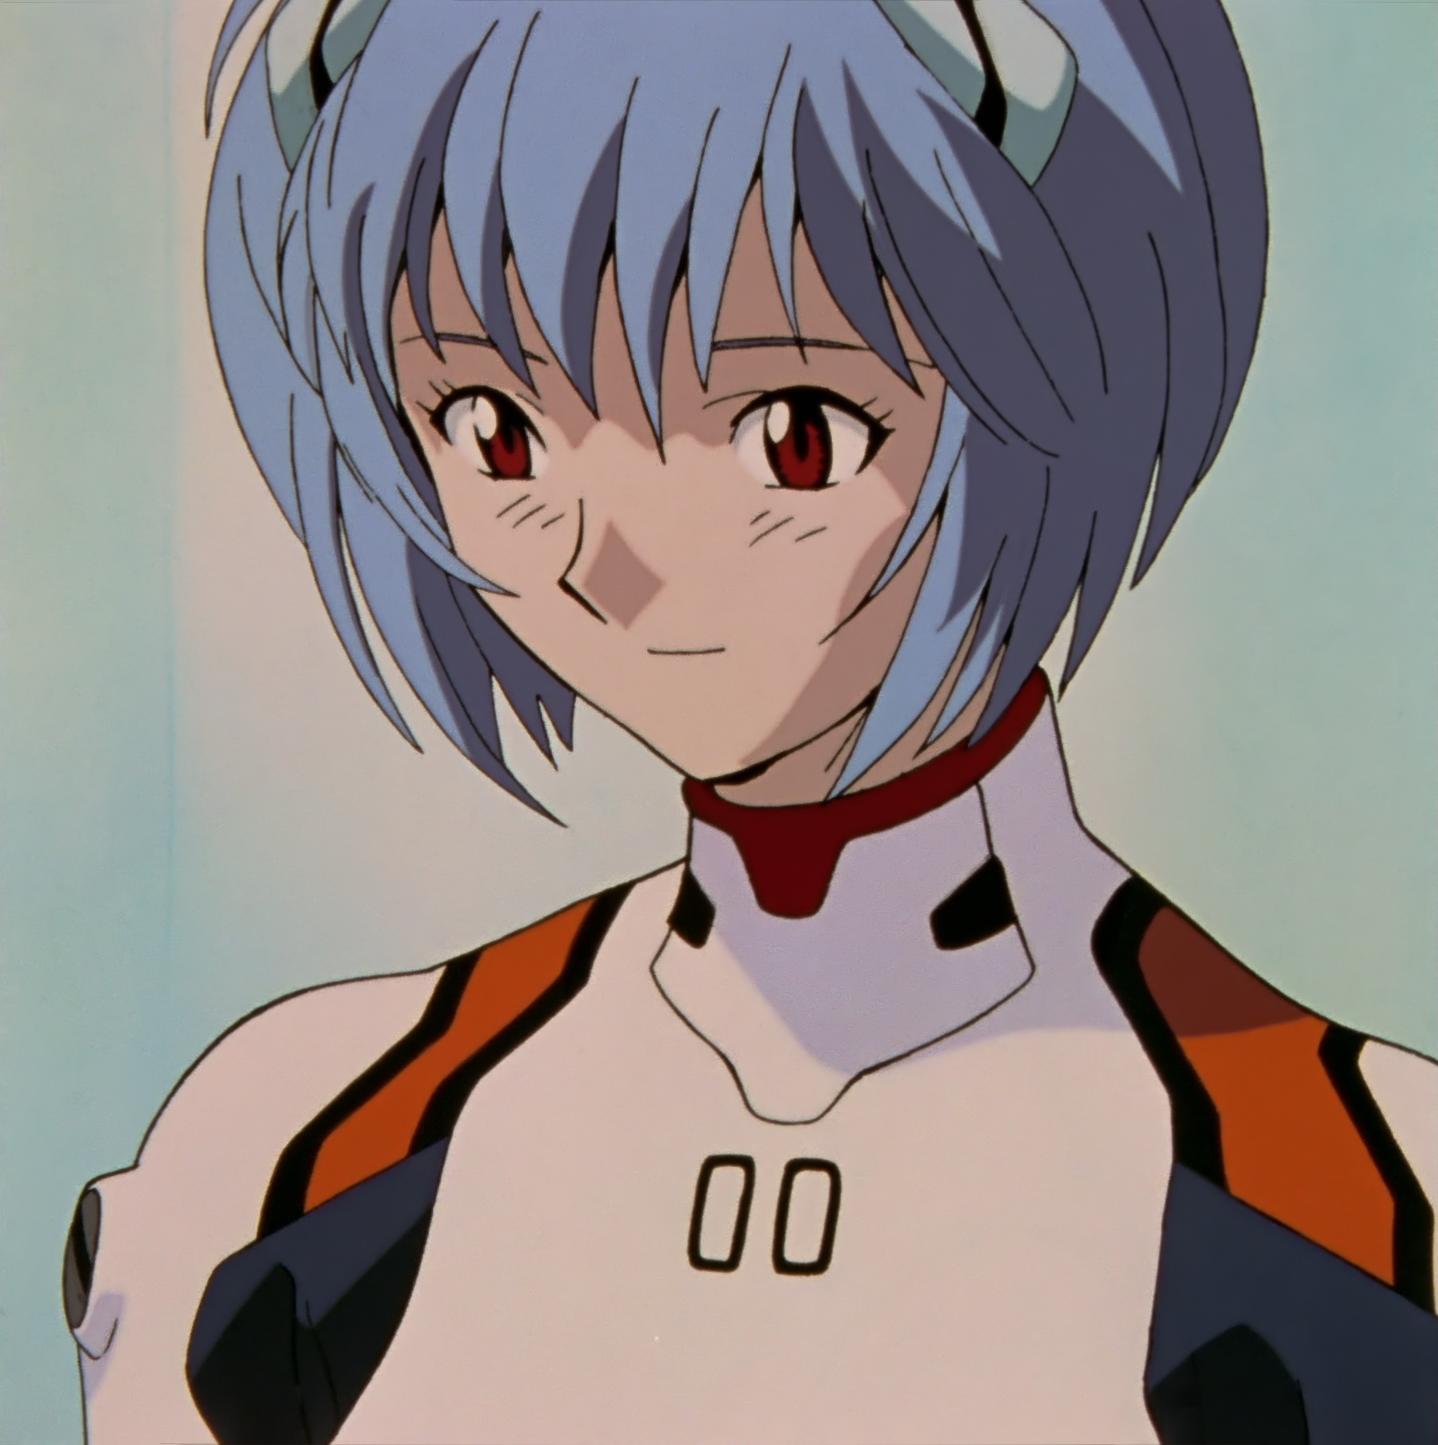 Http Vignette3 Wikia Nocookie Net Evangelion Images 9 9a Rei Ayanami Plugsuit Png Revision Latest C Personajes De Anime Rei Ayanami Neon Genesis Evangelion